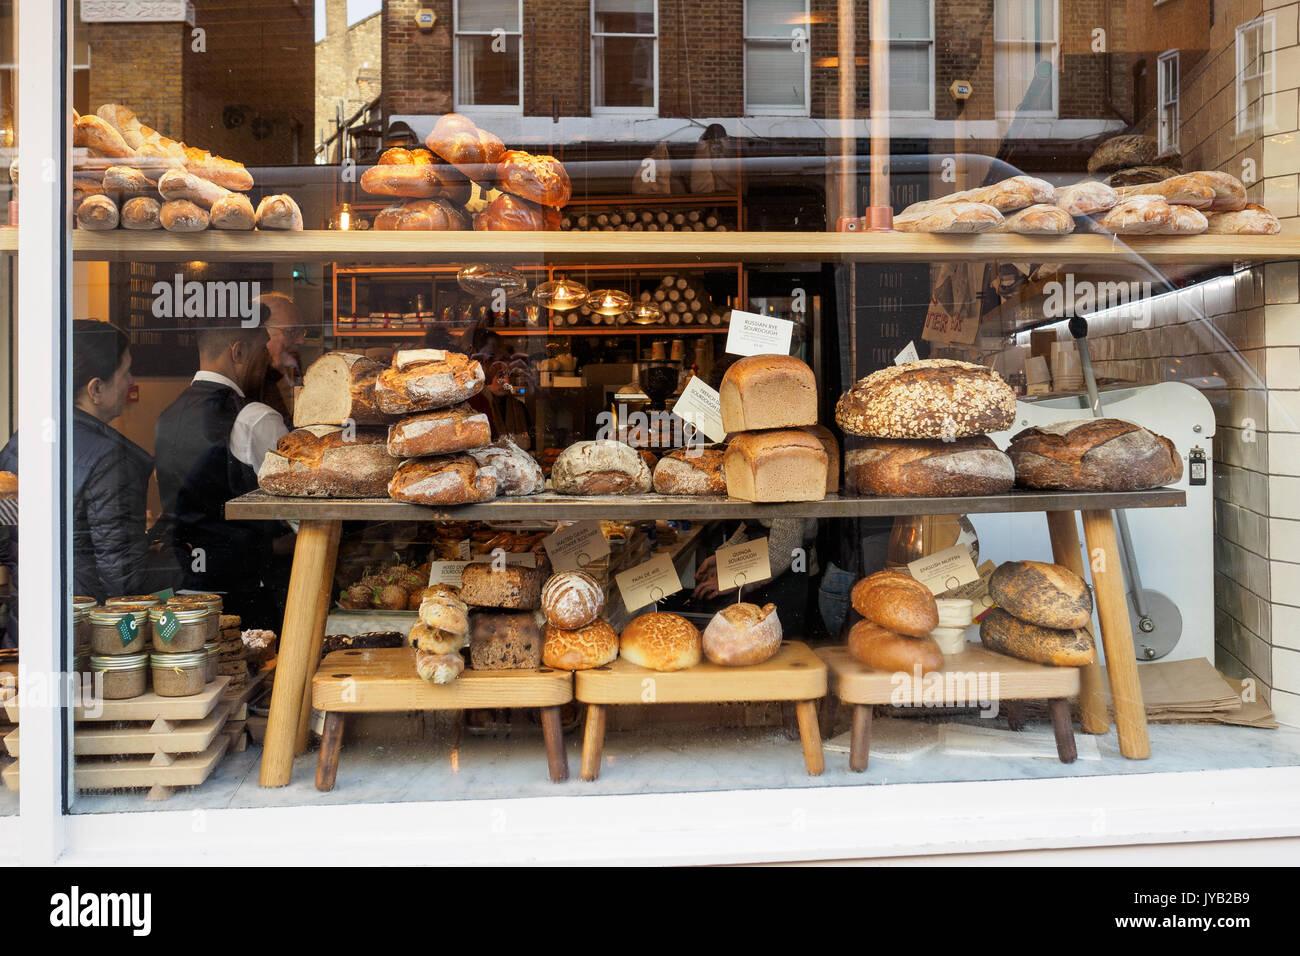 Specialist Cake Shop Near Selfridges London